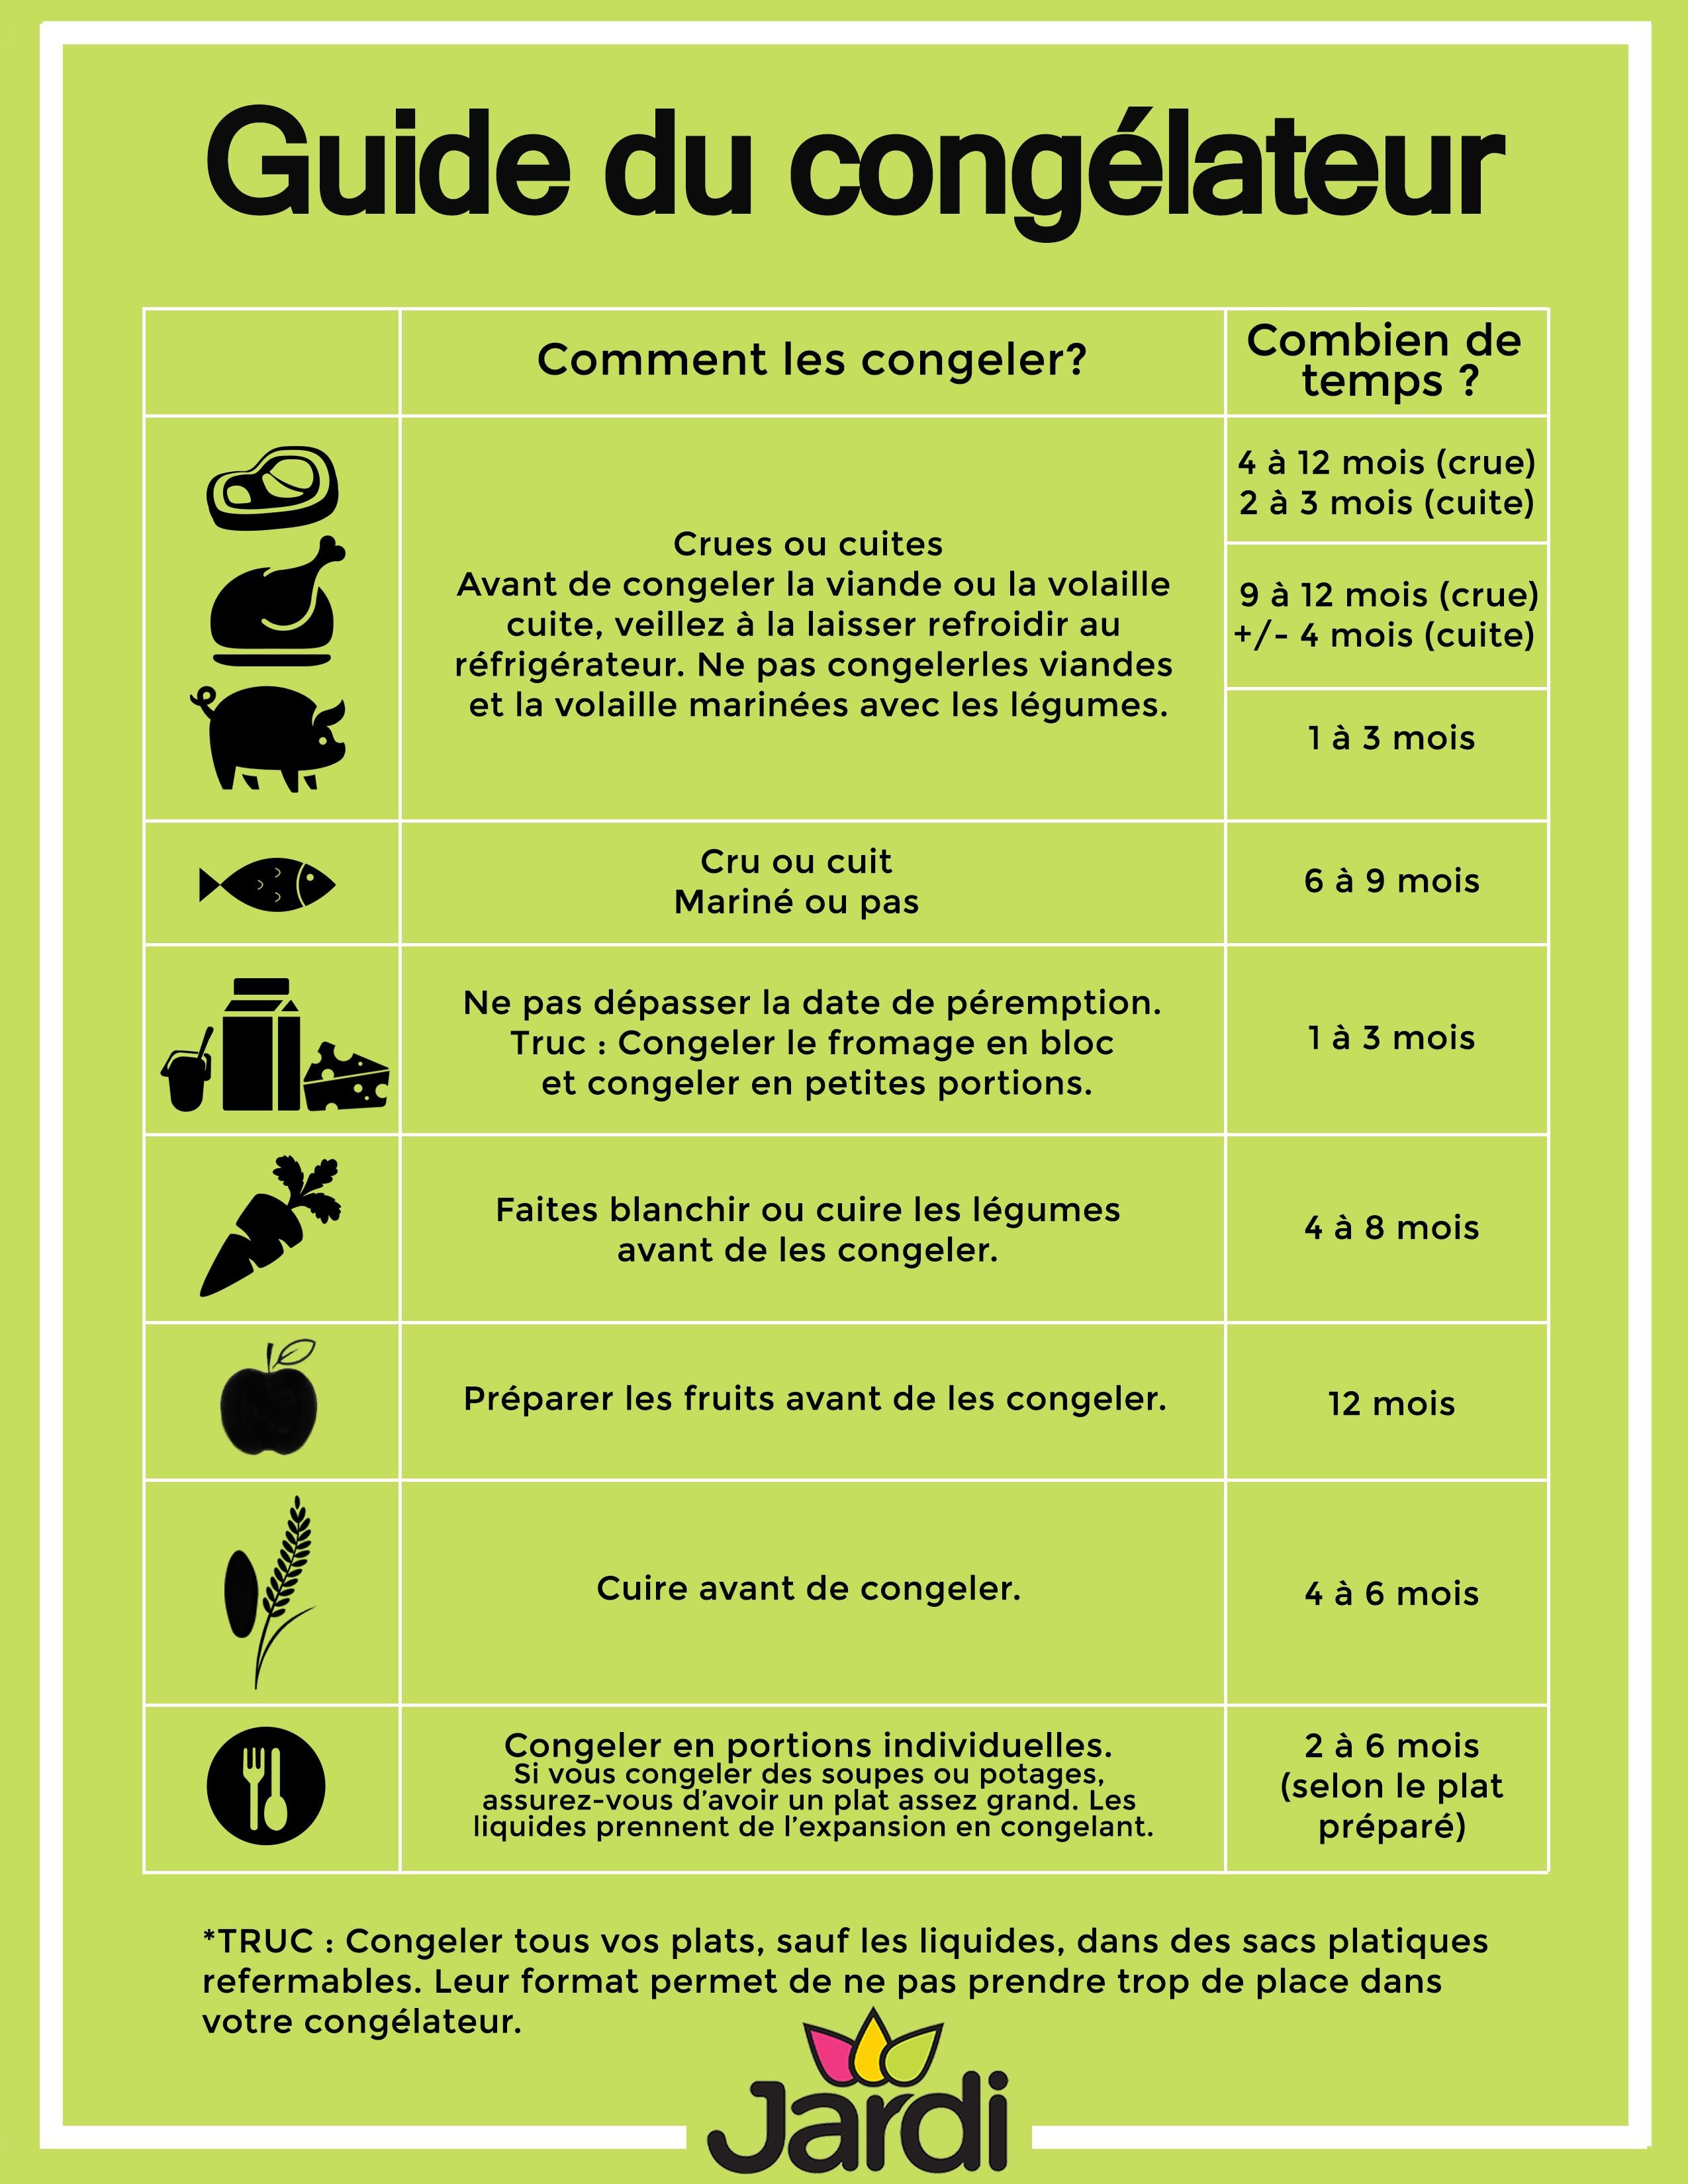 Guide du congélateur